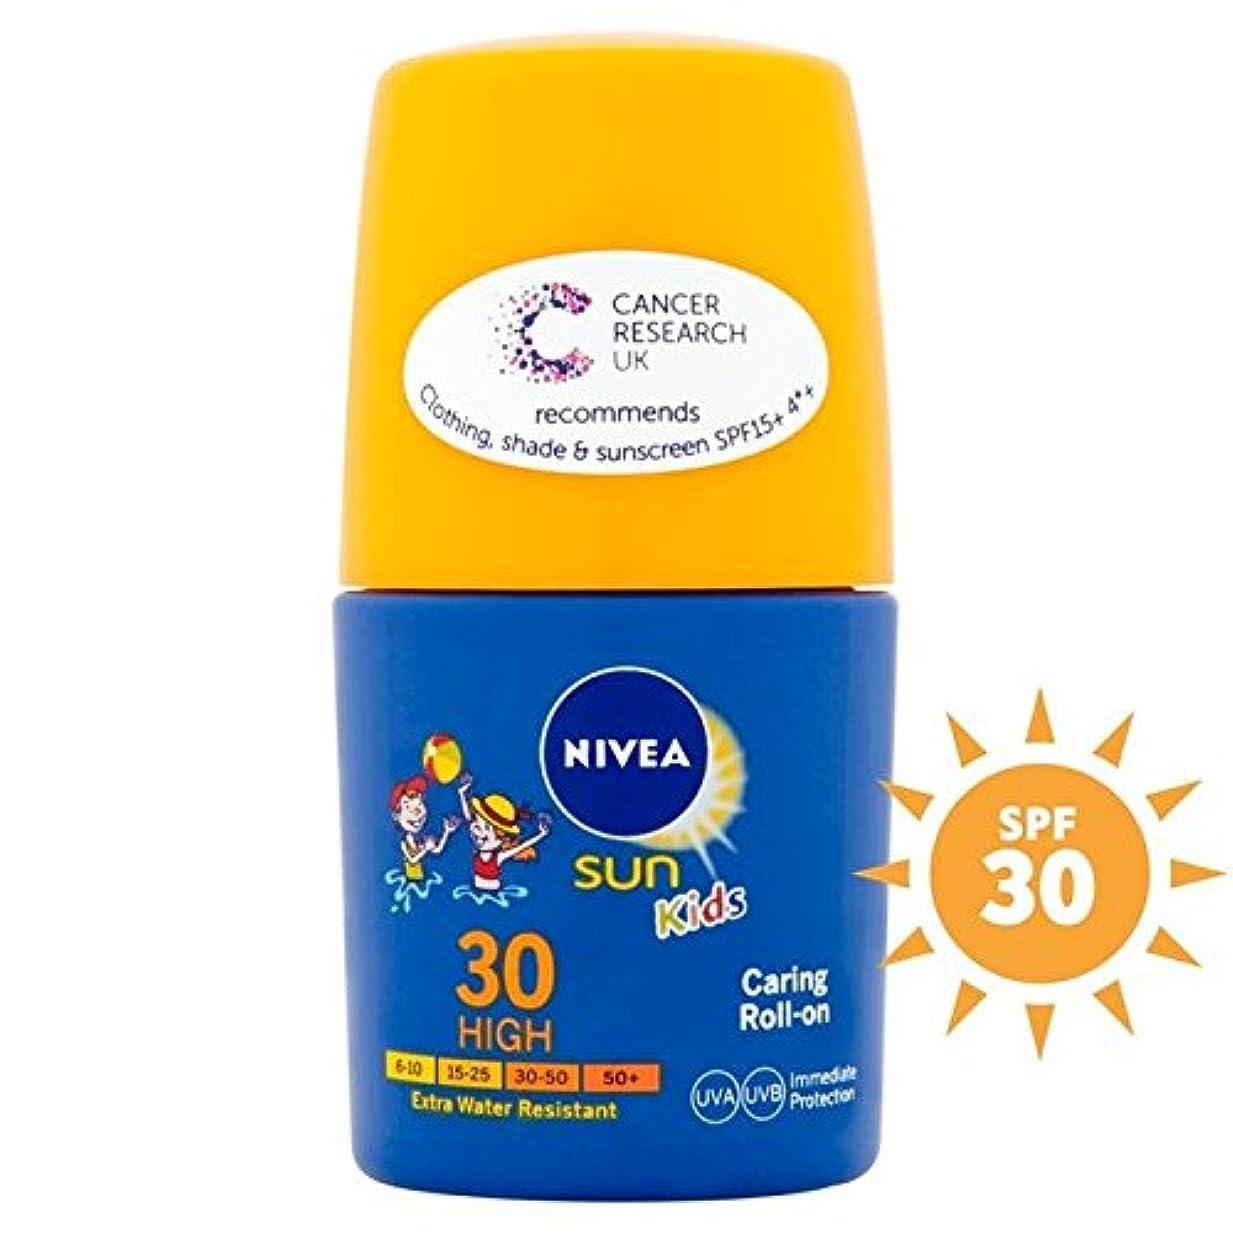 許容できる遅らせるプライバシー30の50ミリリットルにロールを気遣うニベアの日の子供たち x4 - Nivea Sun Kids Caring Roll On SPF30 50ml (Pack of 4) [並行輸入品]